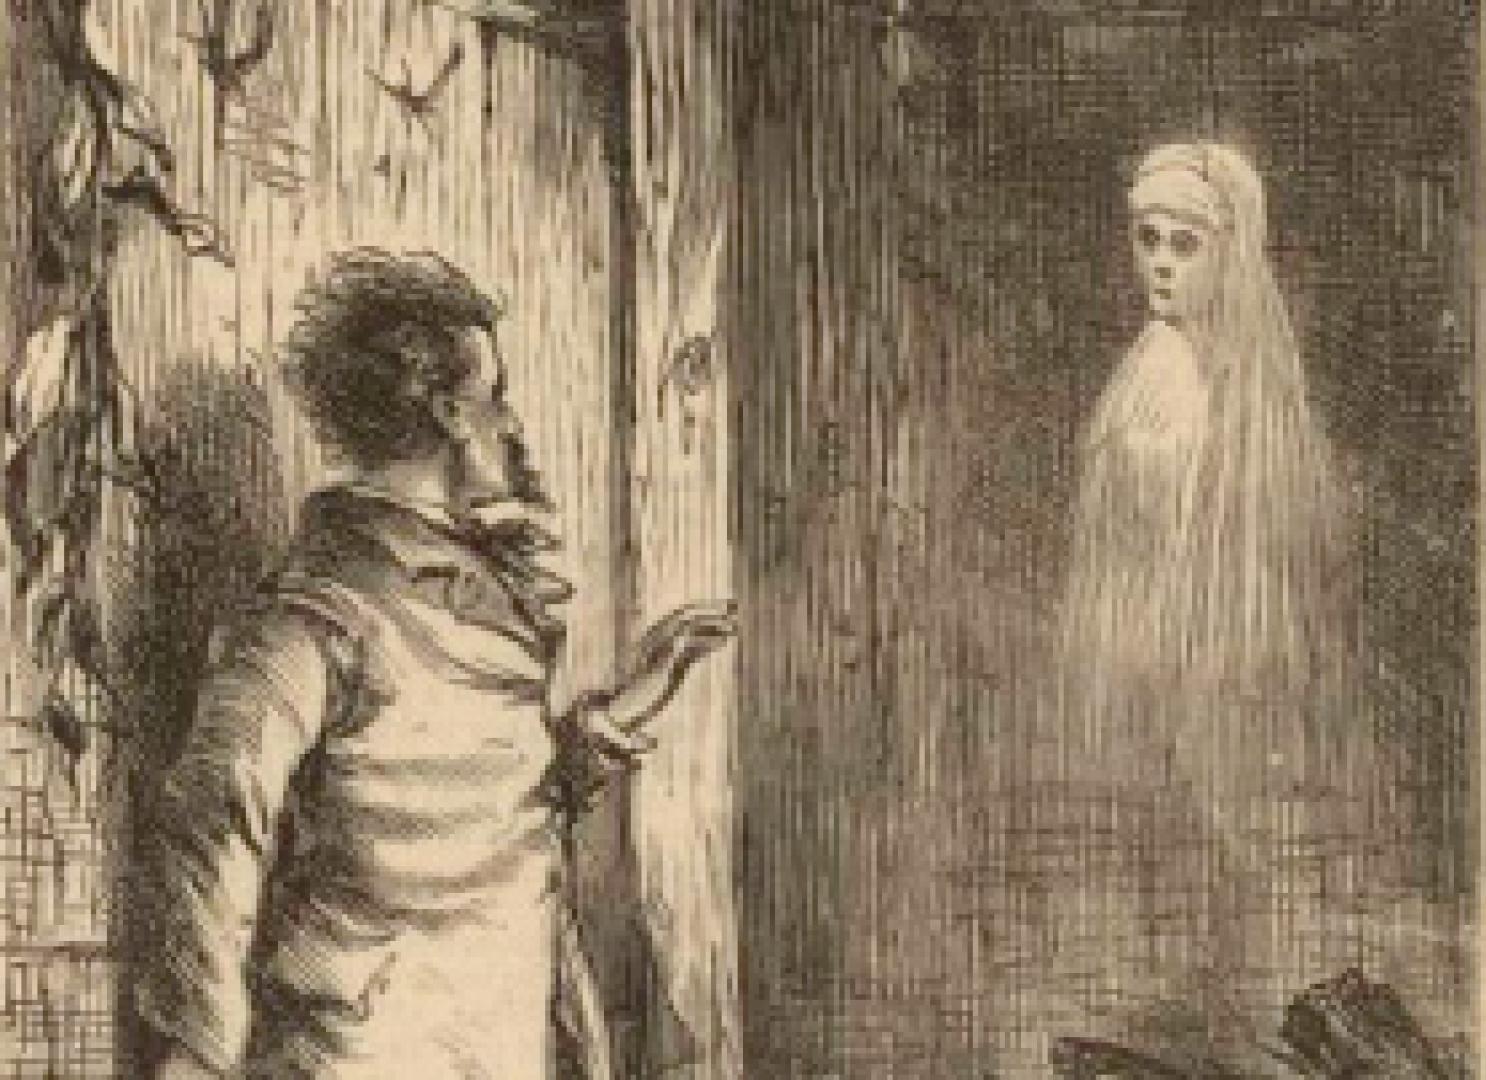 Drekavac - A fehér ruhás nő és gyermeke 3. kép